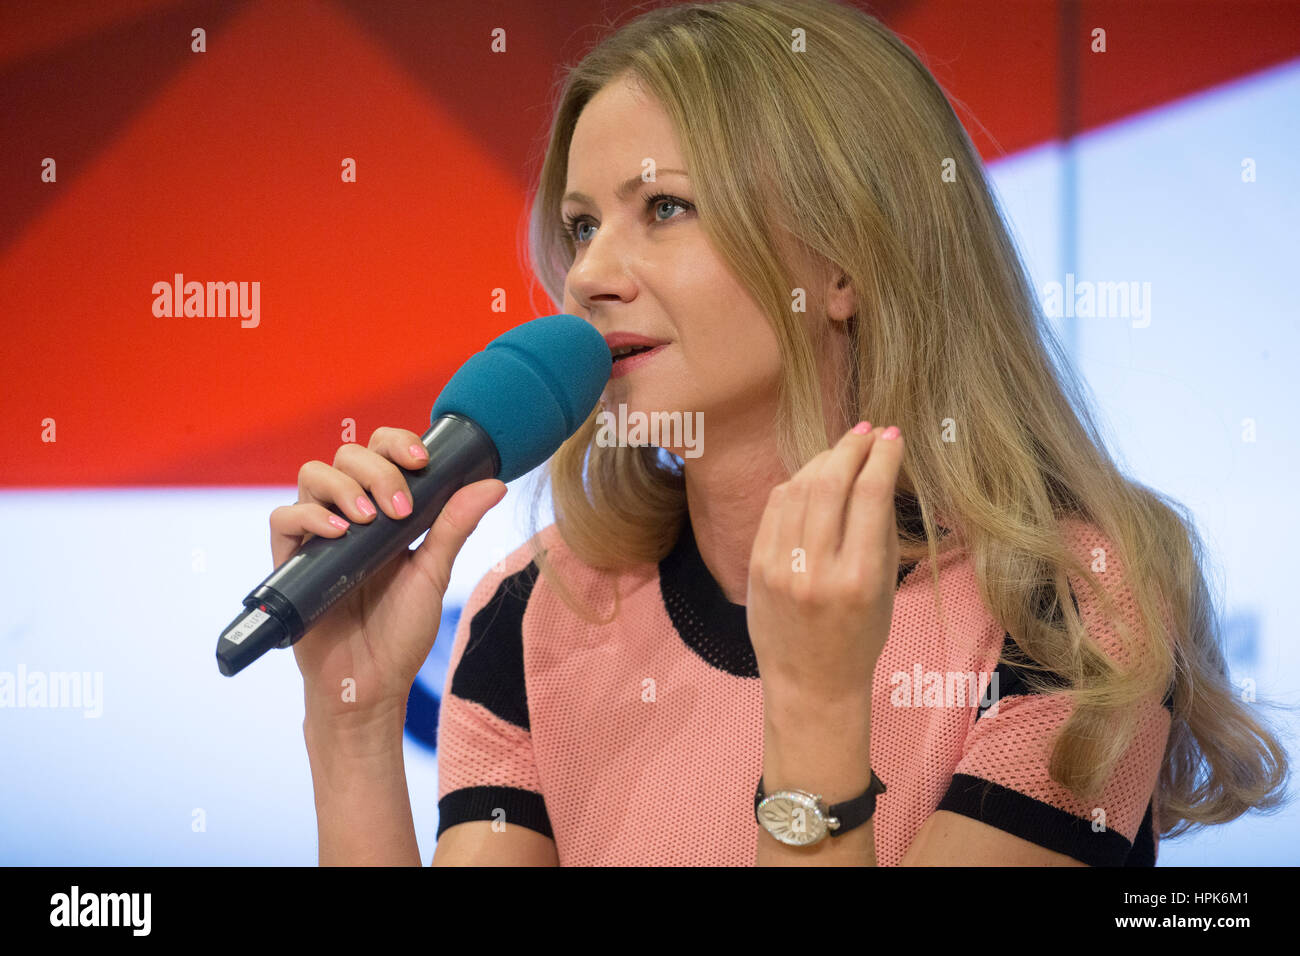 Maria Mironova now 47